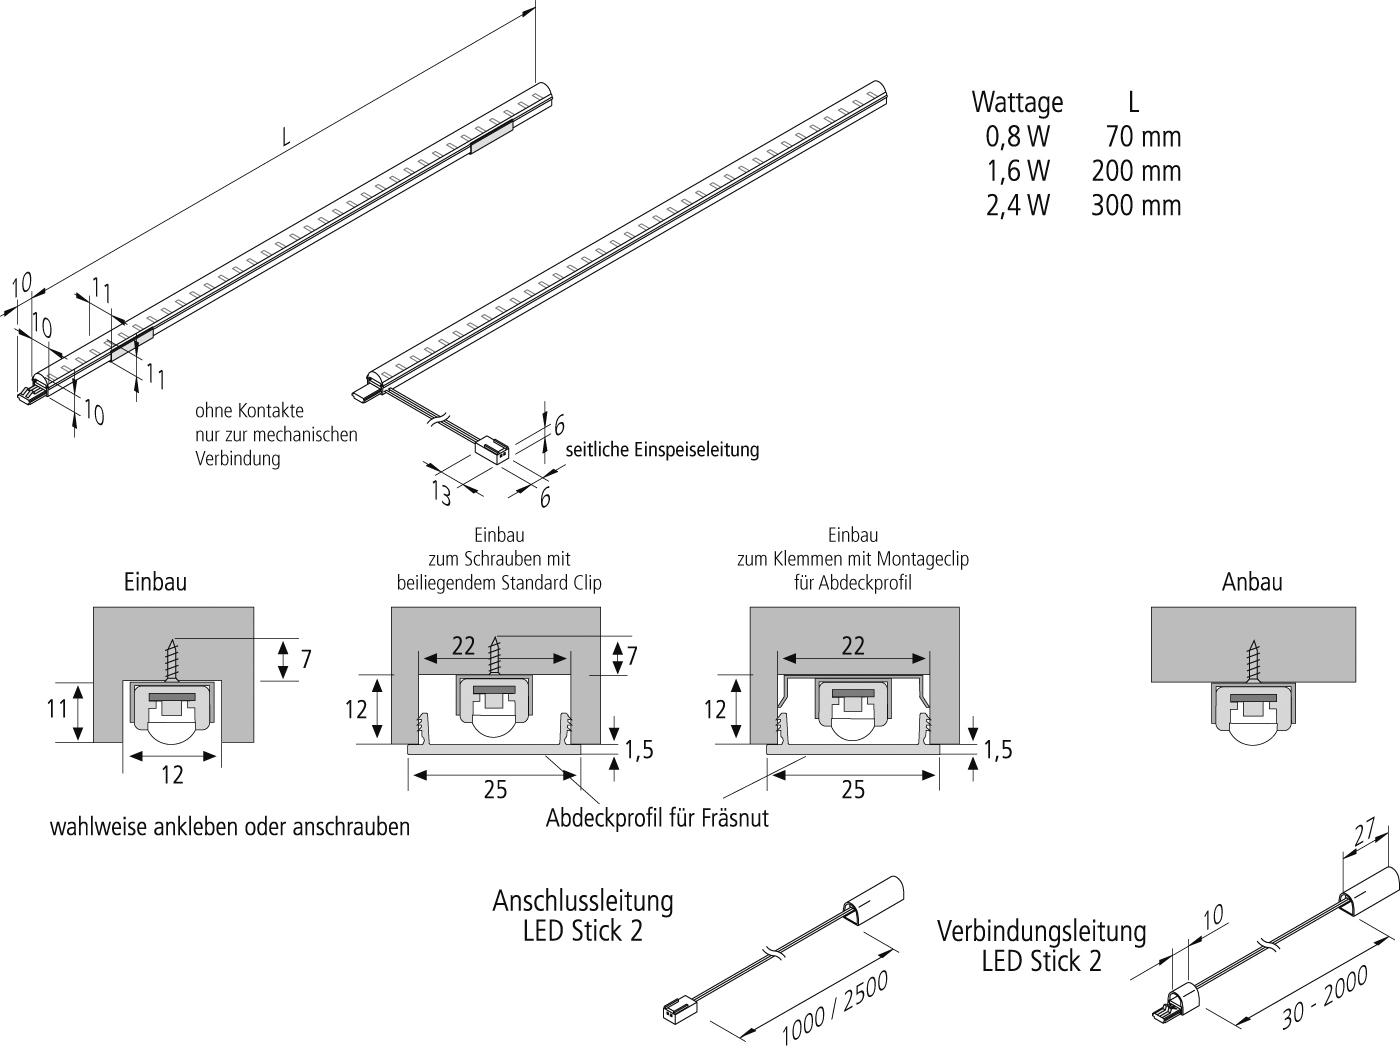 Vorschau: LED-Stick-2_vec_3D_de